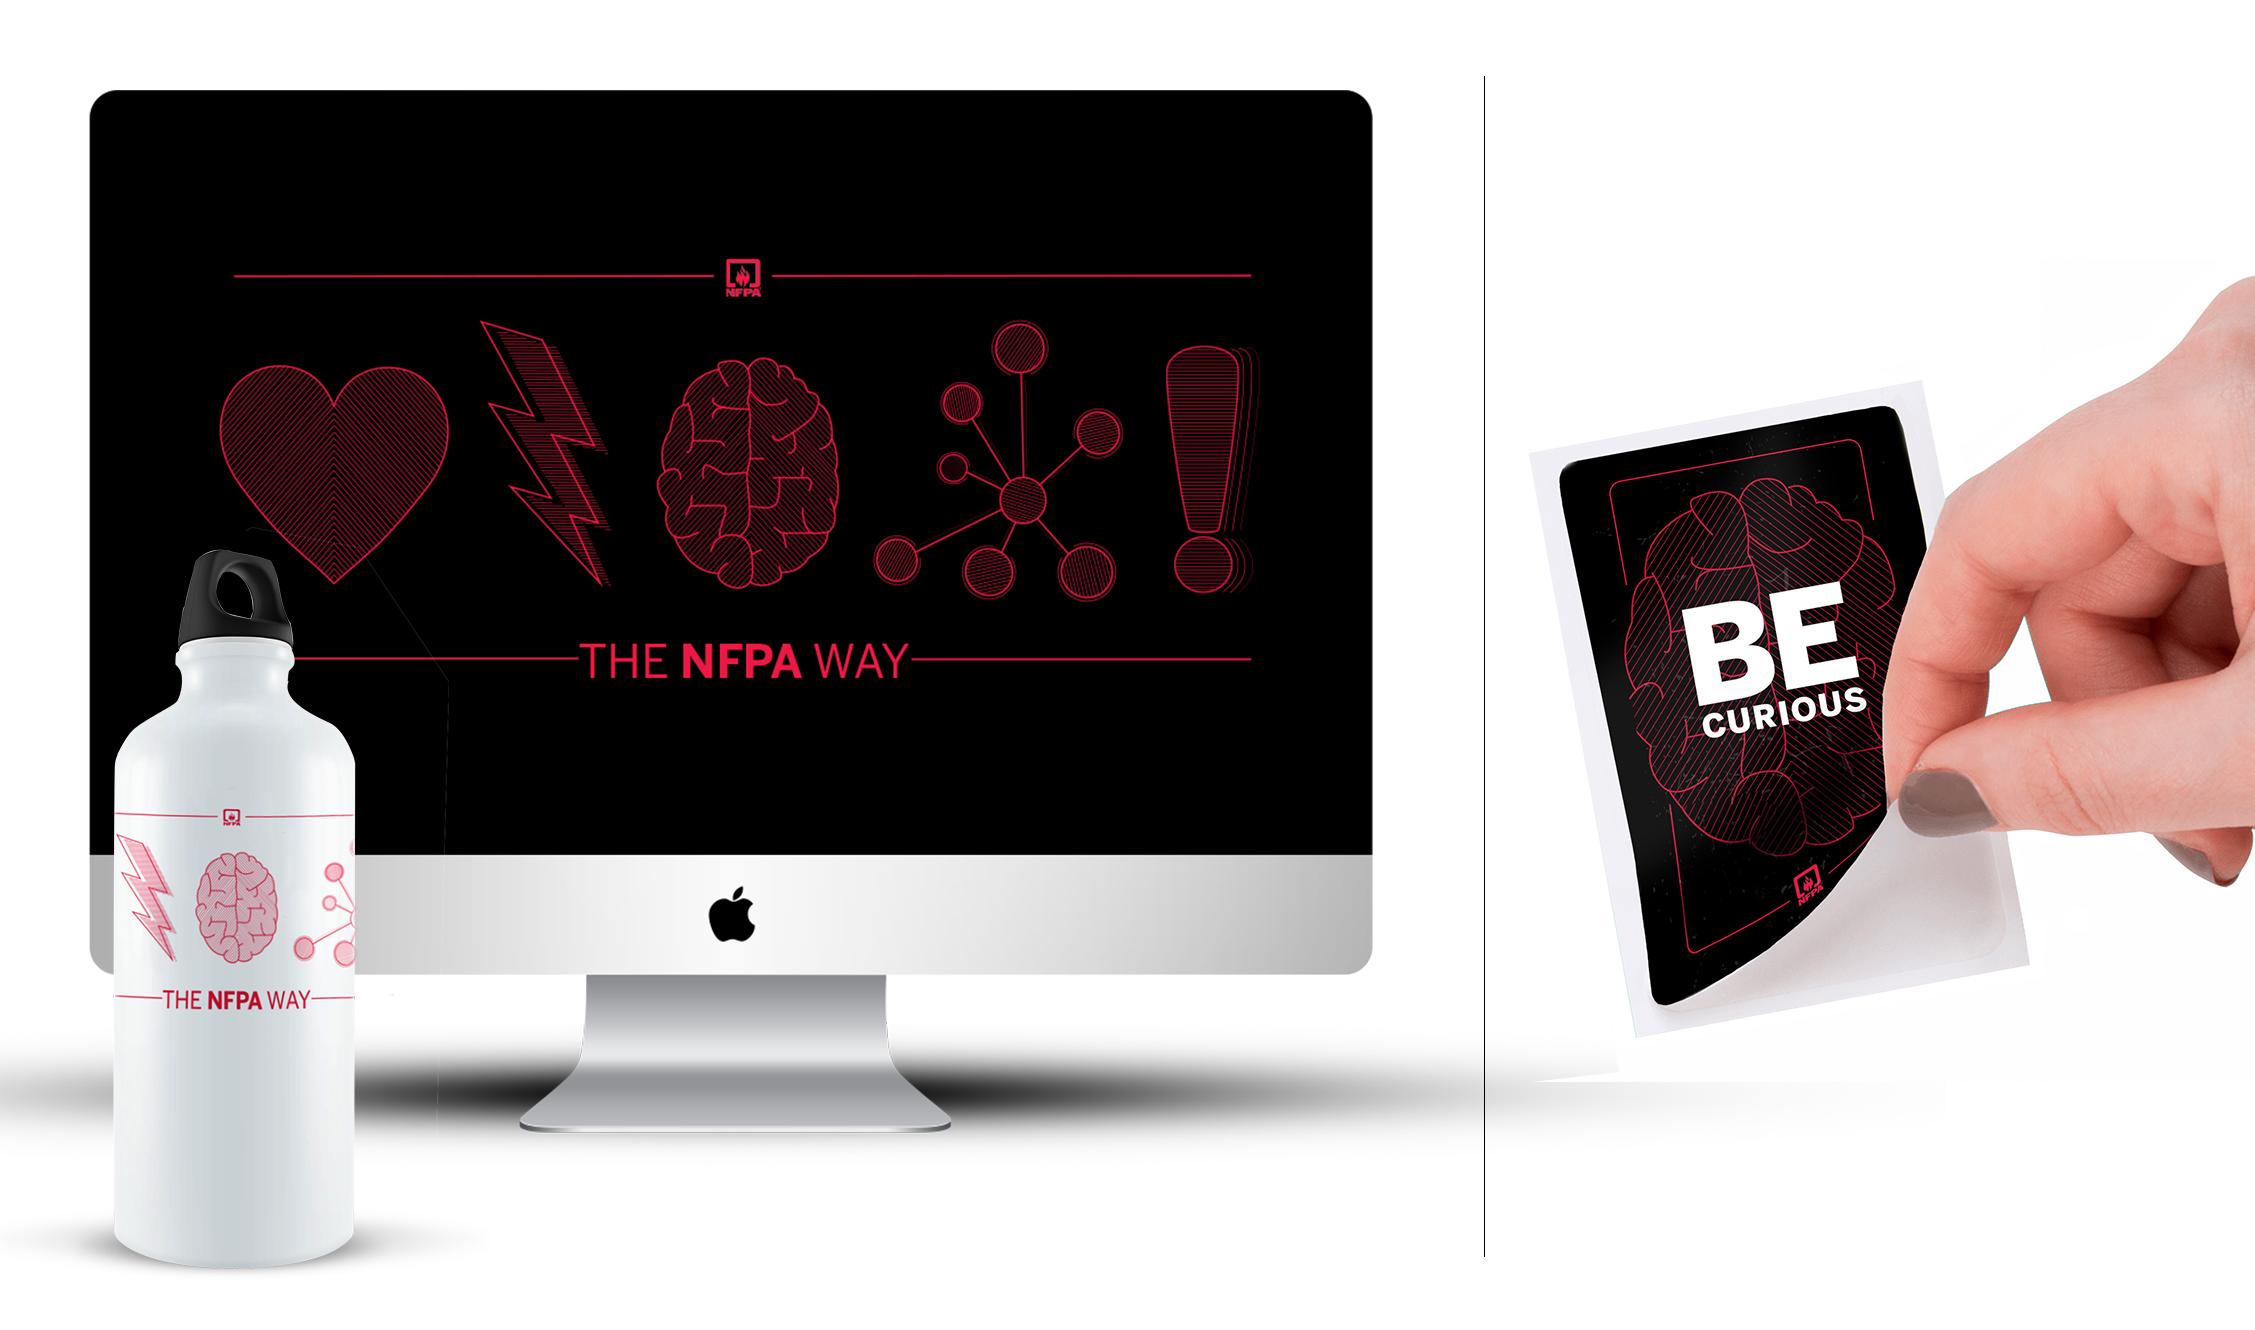 nfpa-stuff-1.png